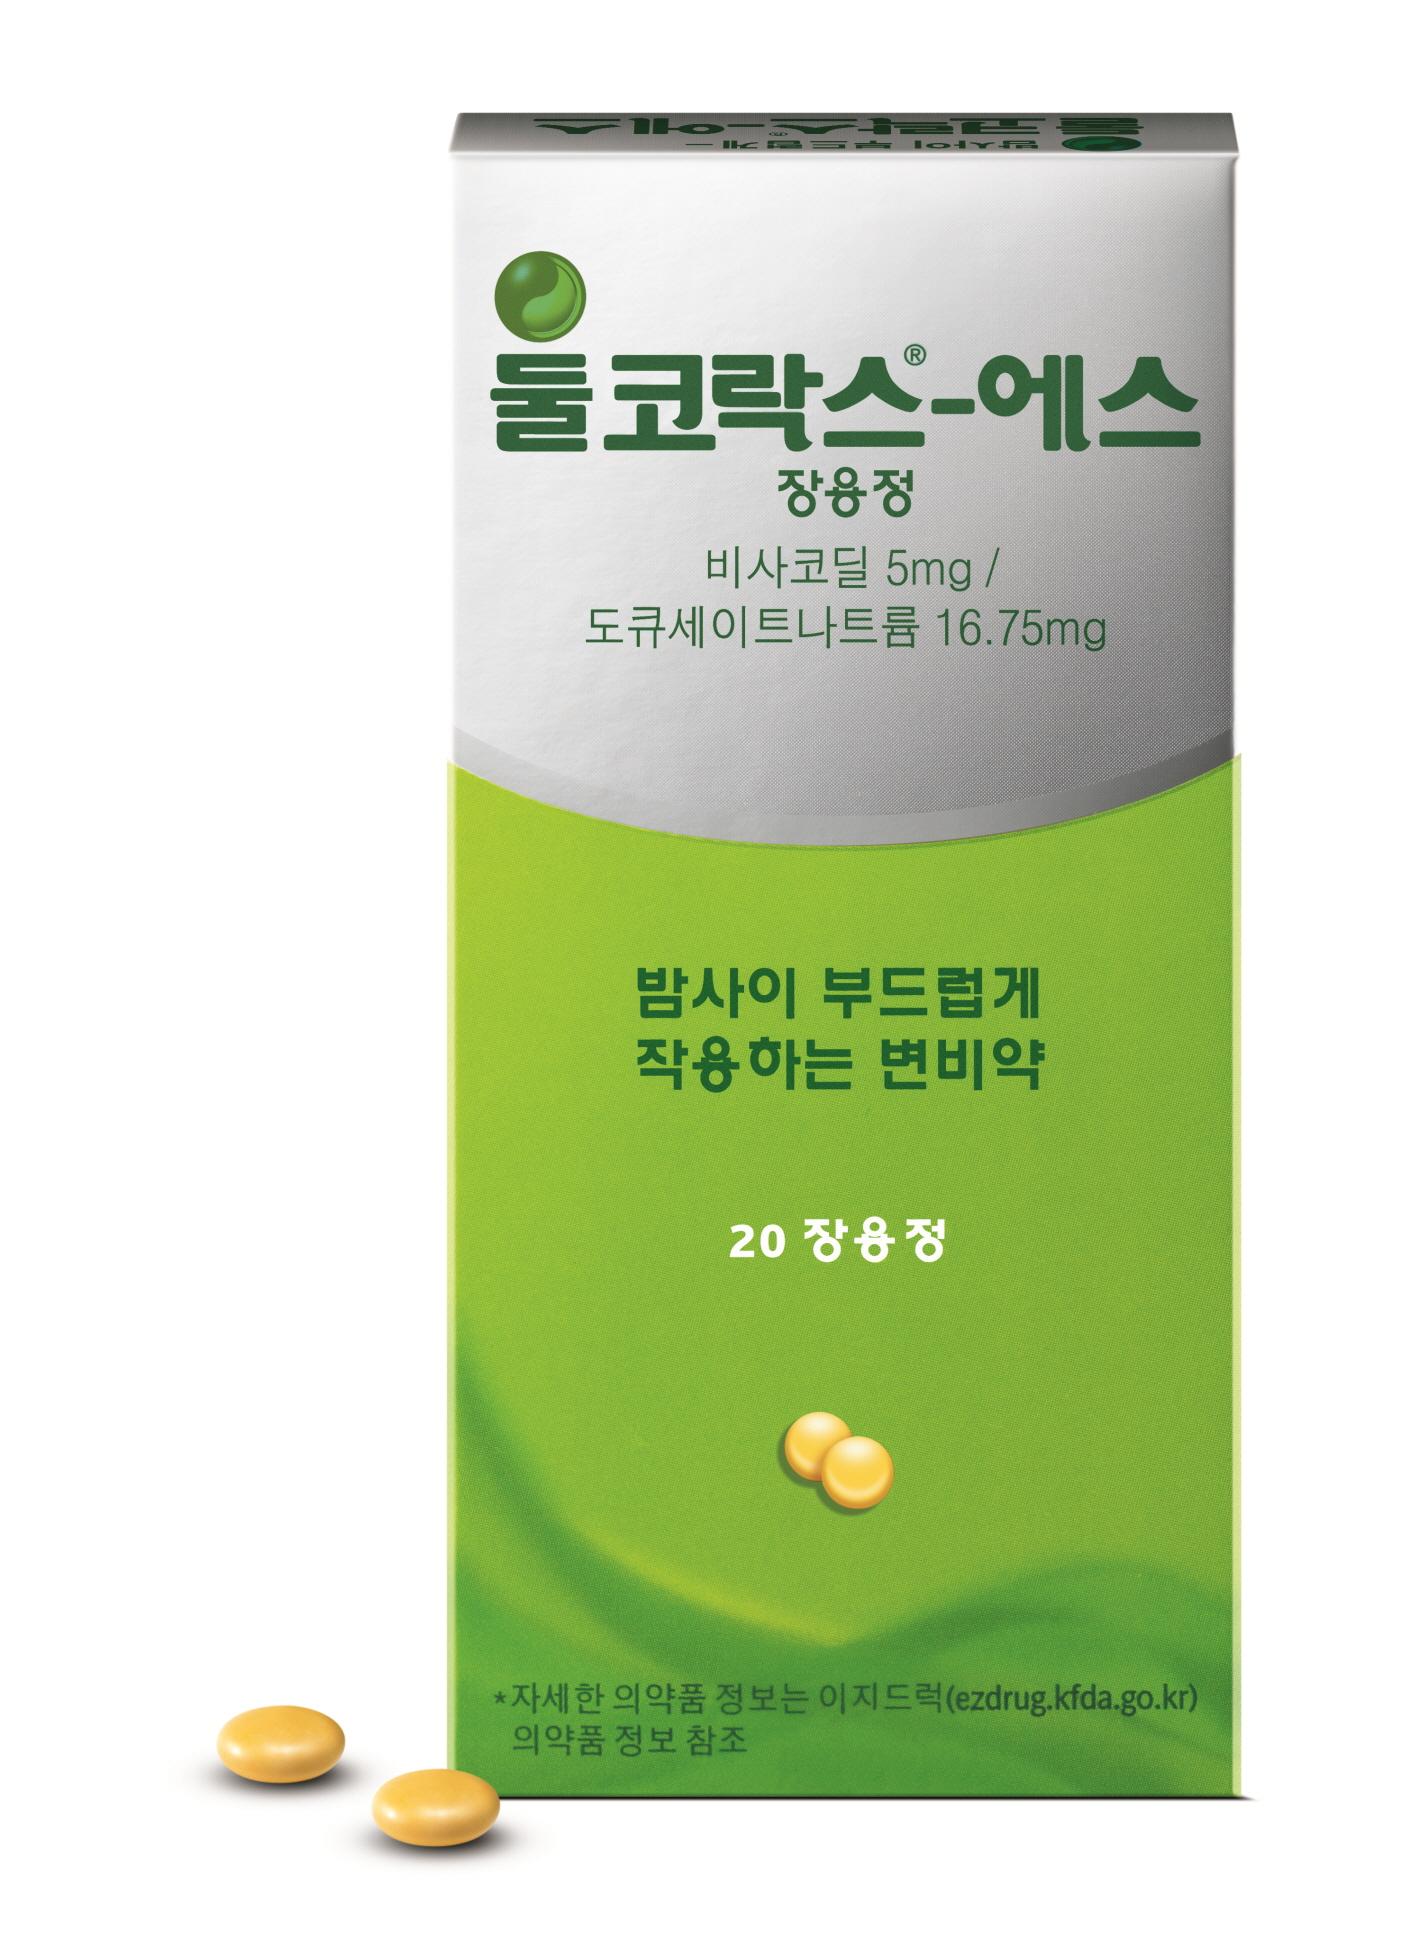 변비 치료제 브랜드 '둘코락스', 변비 증상 개선 및 환자의 삶의 질 향상 확인